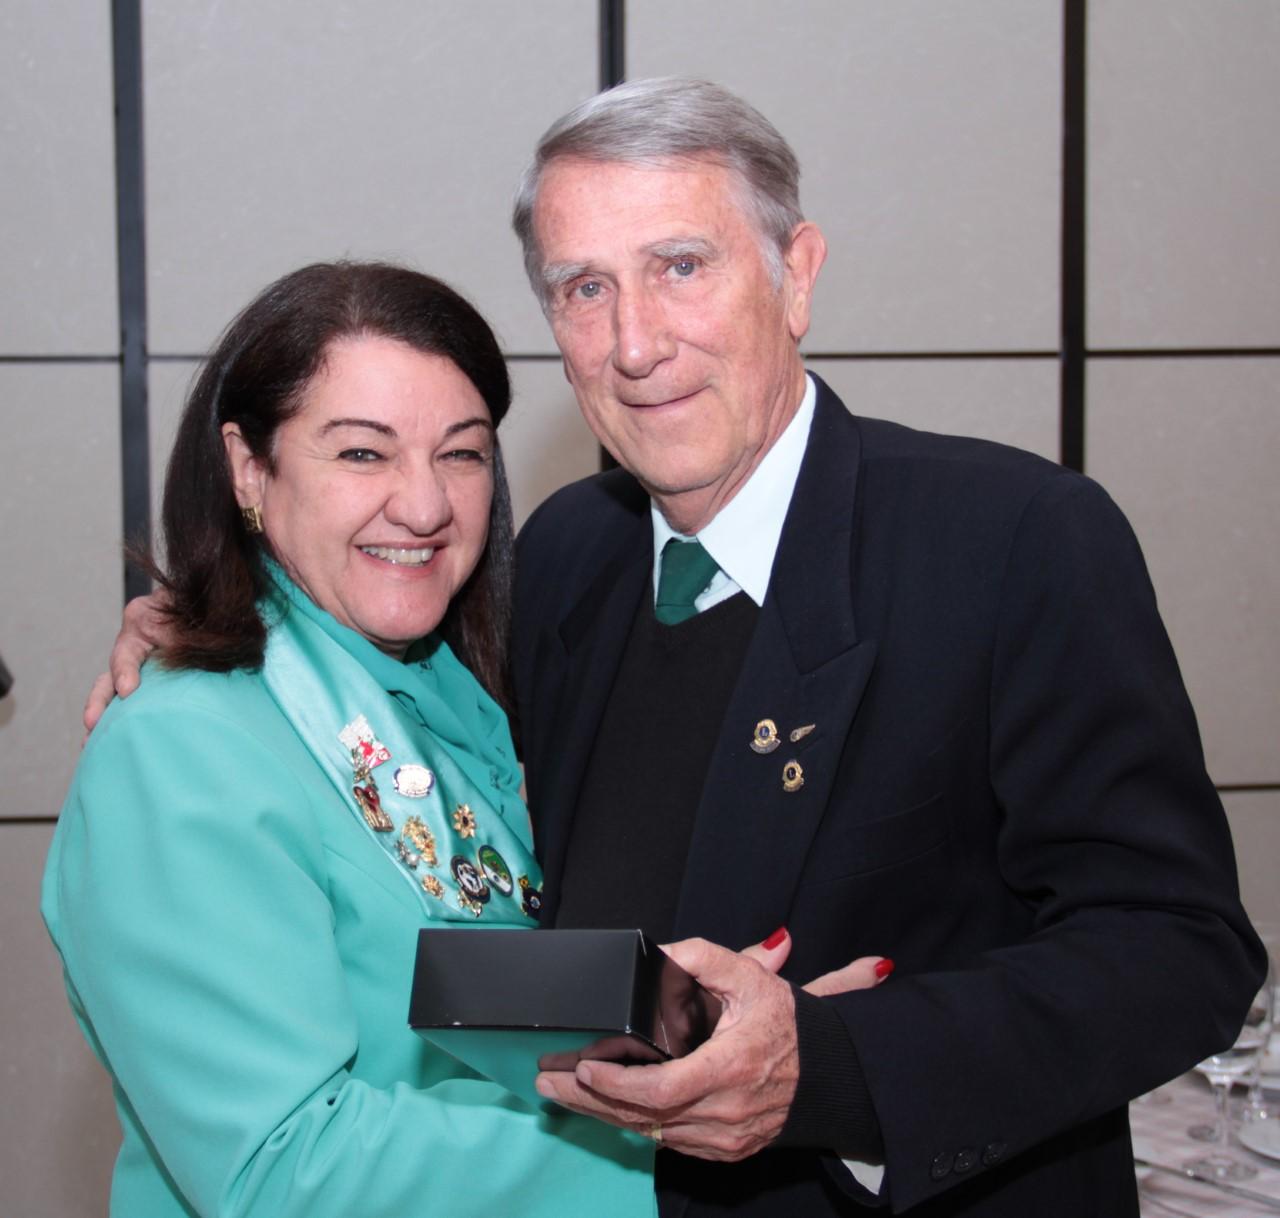 Izabel Cristina e Jordão Balhs de Almeida Neto